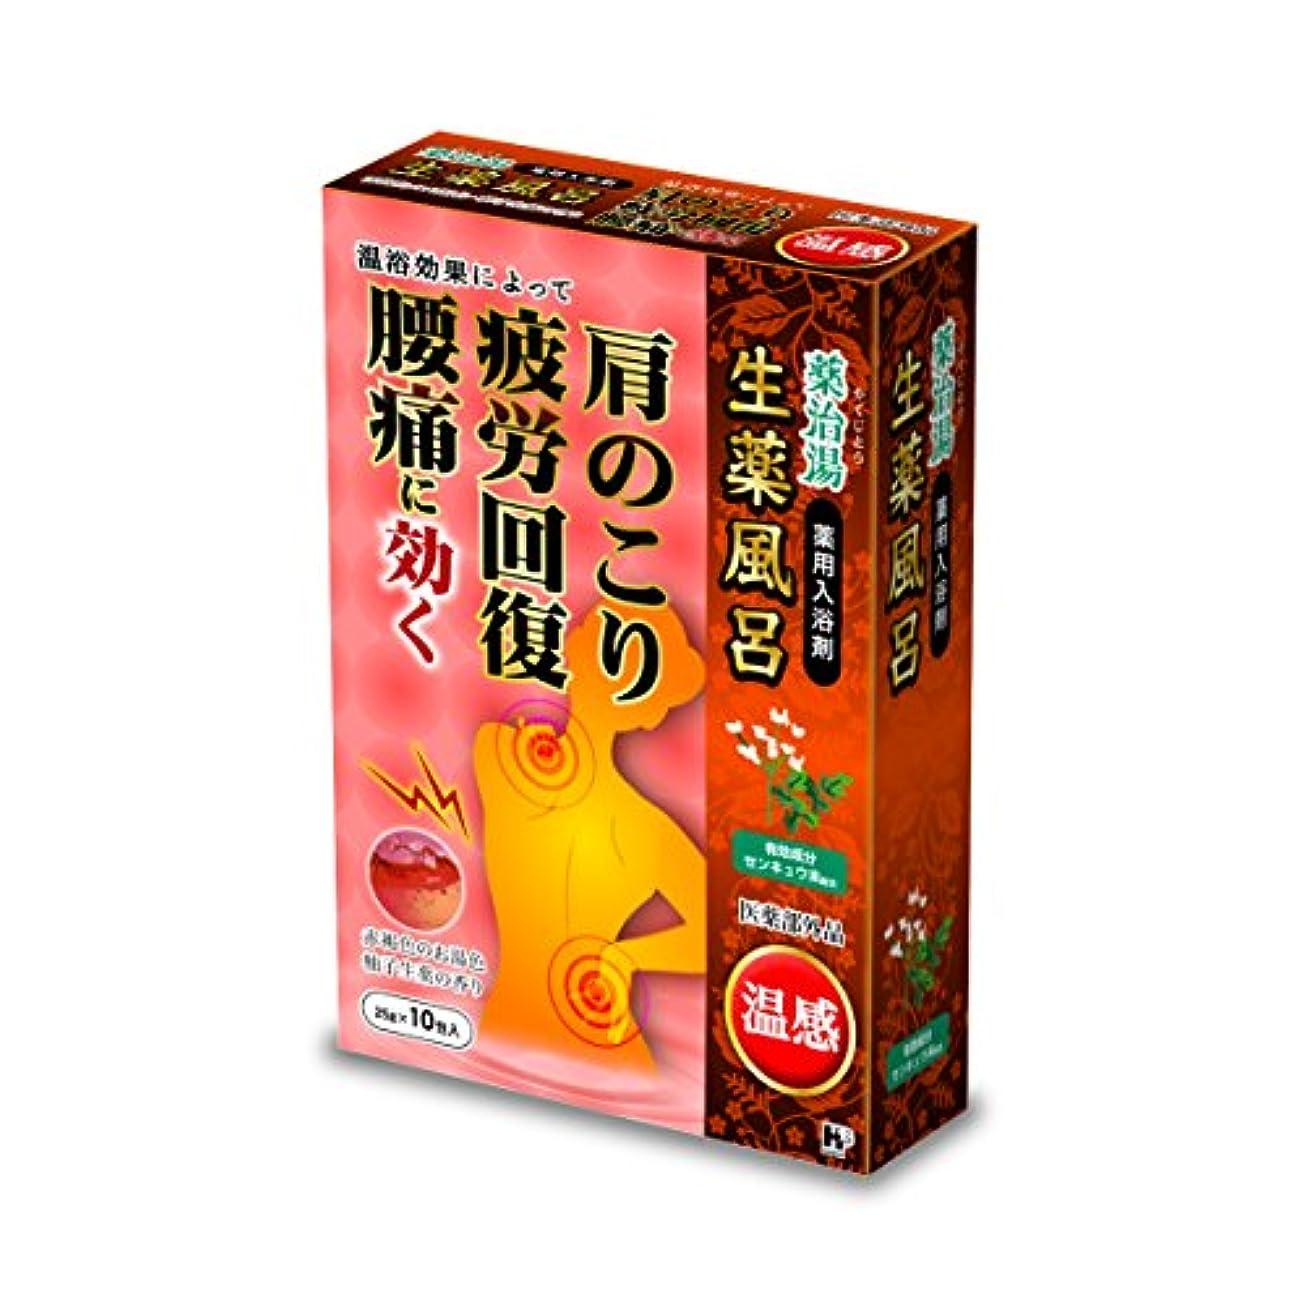 カウントベル以降薬治湯温感 柚子生薬の香り